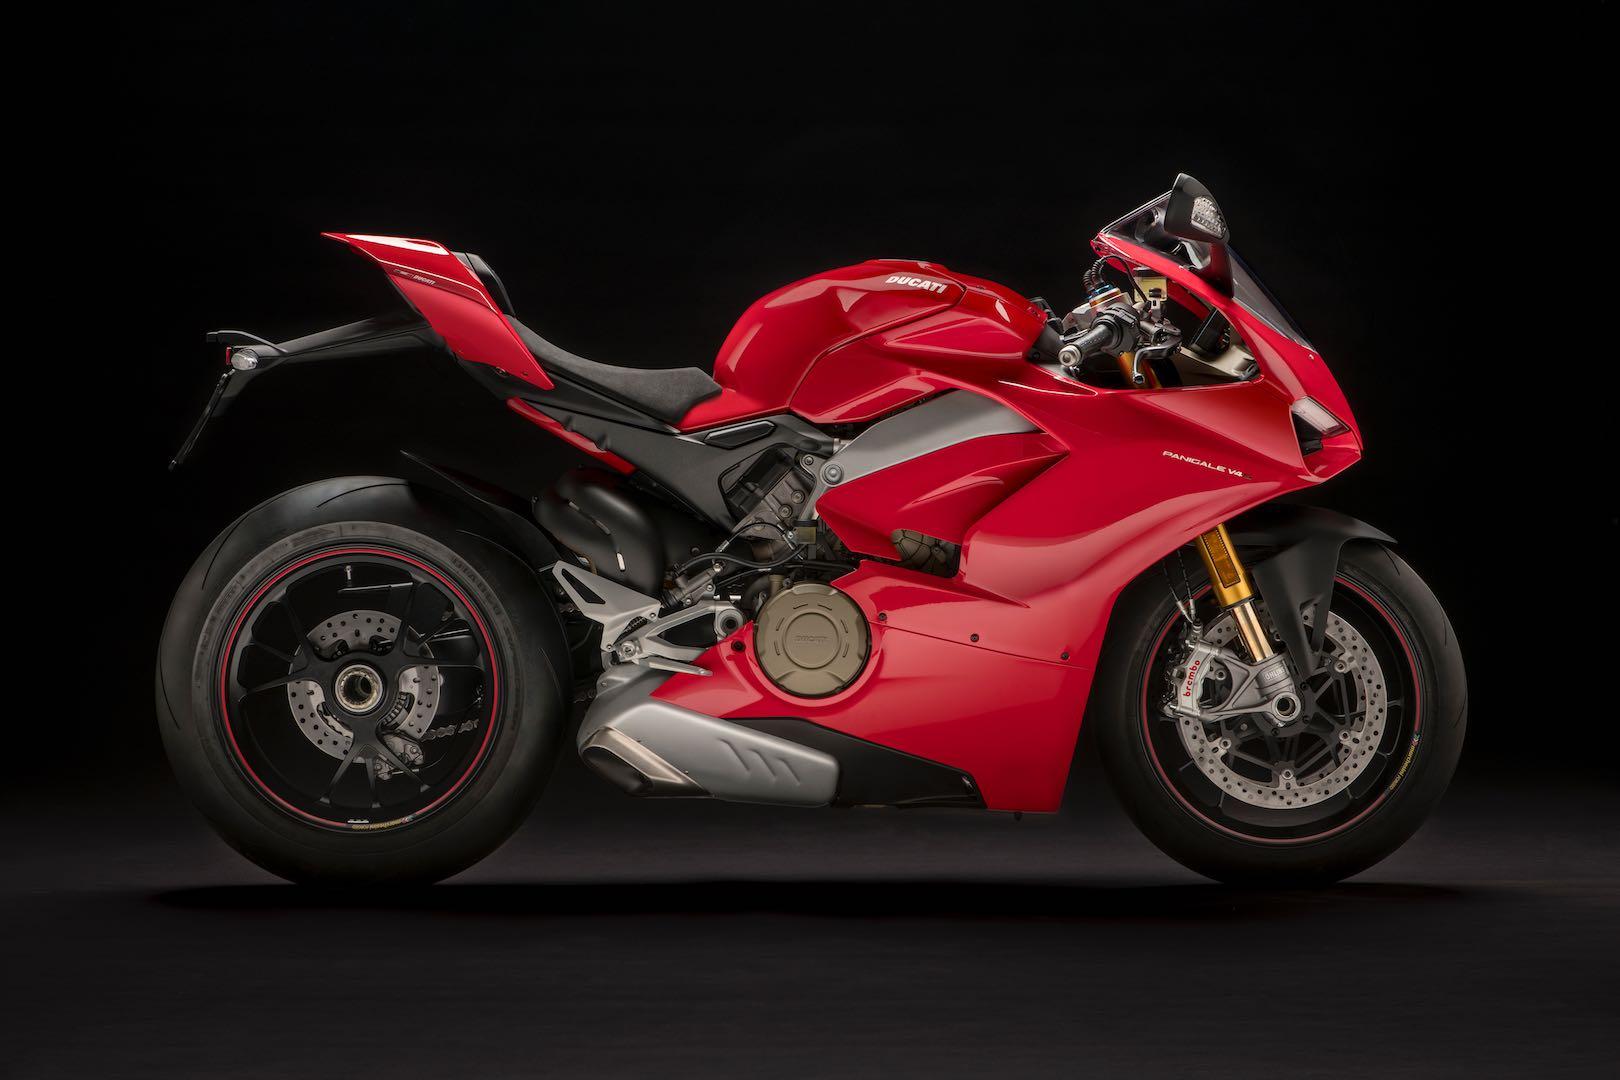 Ducati počeo proizvodnju modela V4